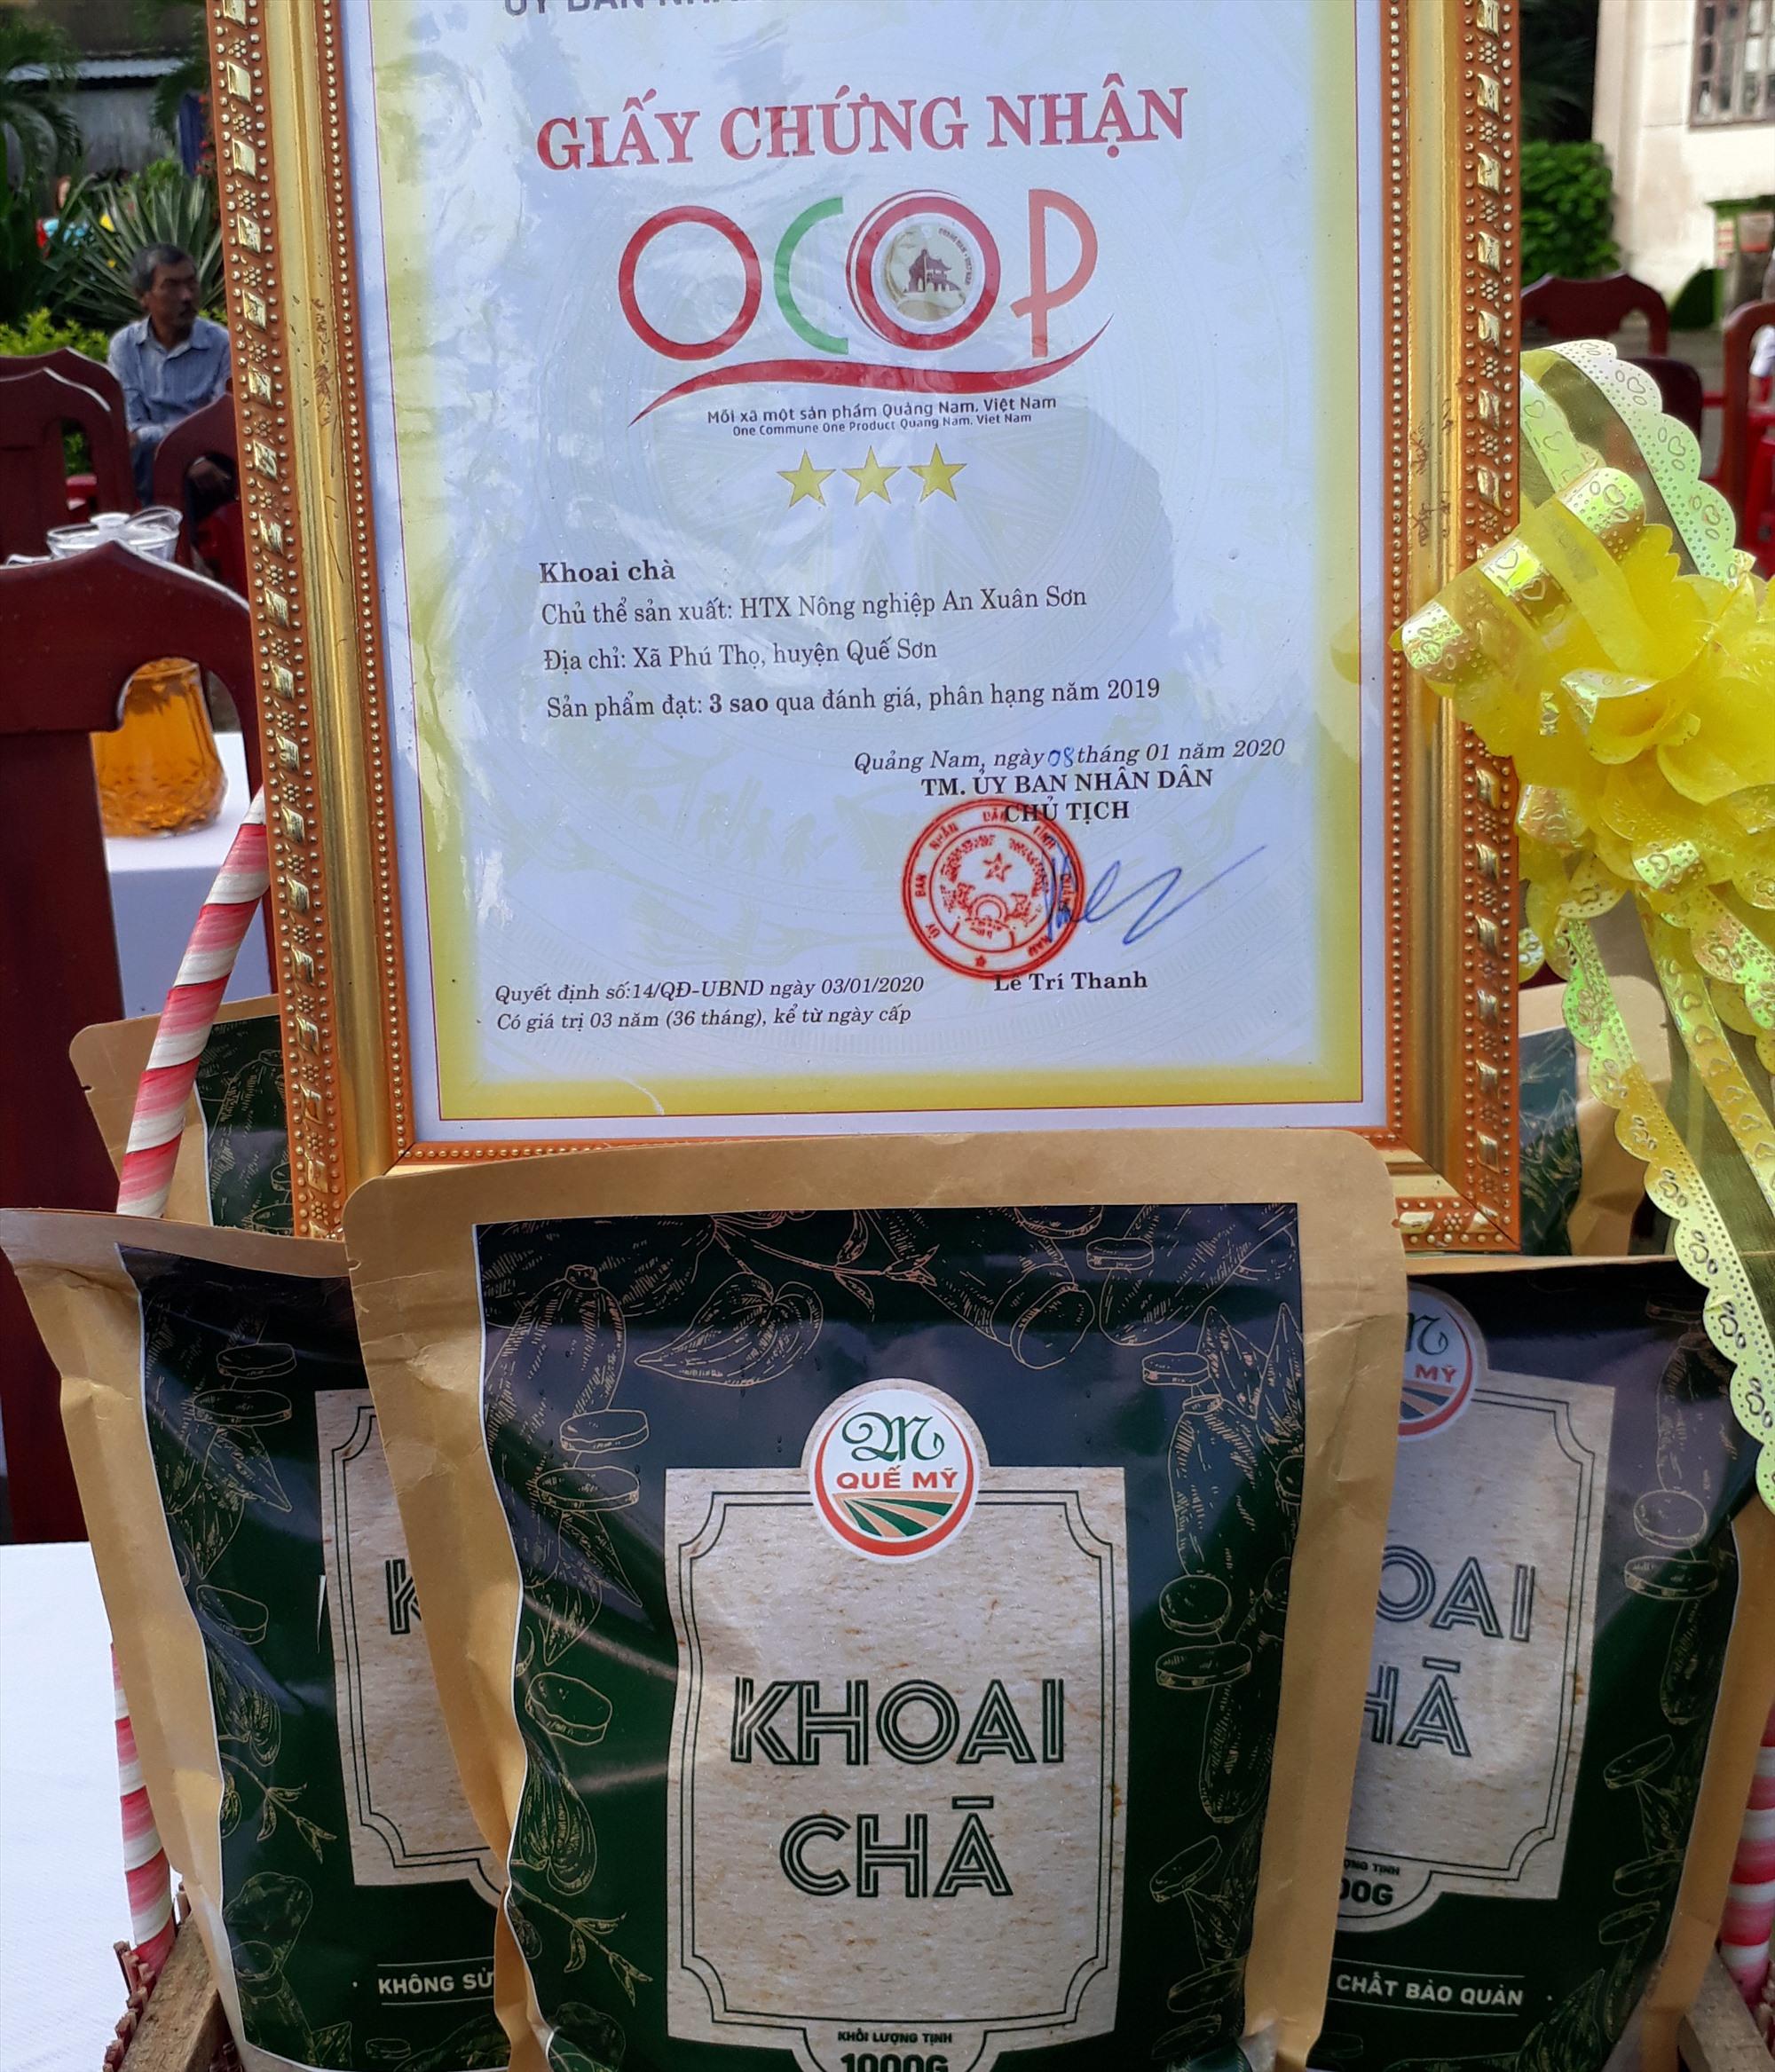 Chứng nhận sản phẩm OCOP của khoai chà làng Đông. Ảnh: N.KẾT